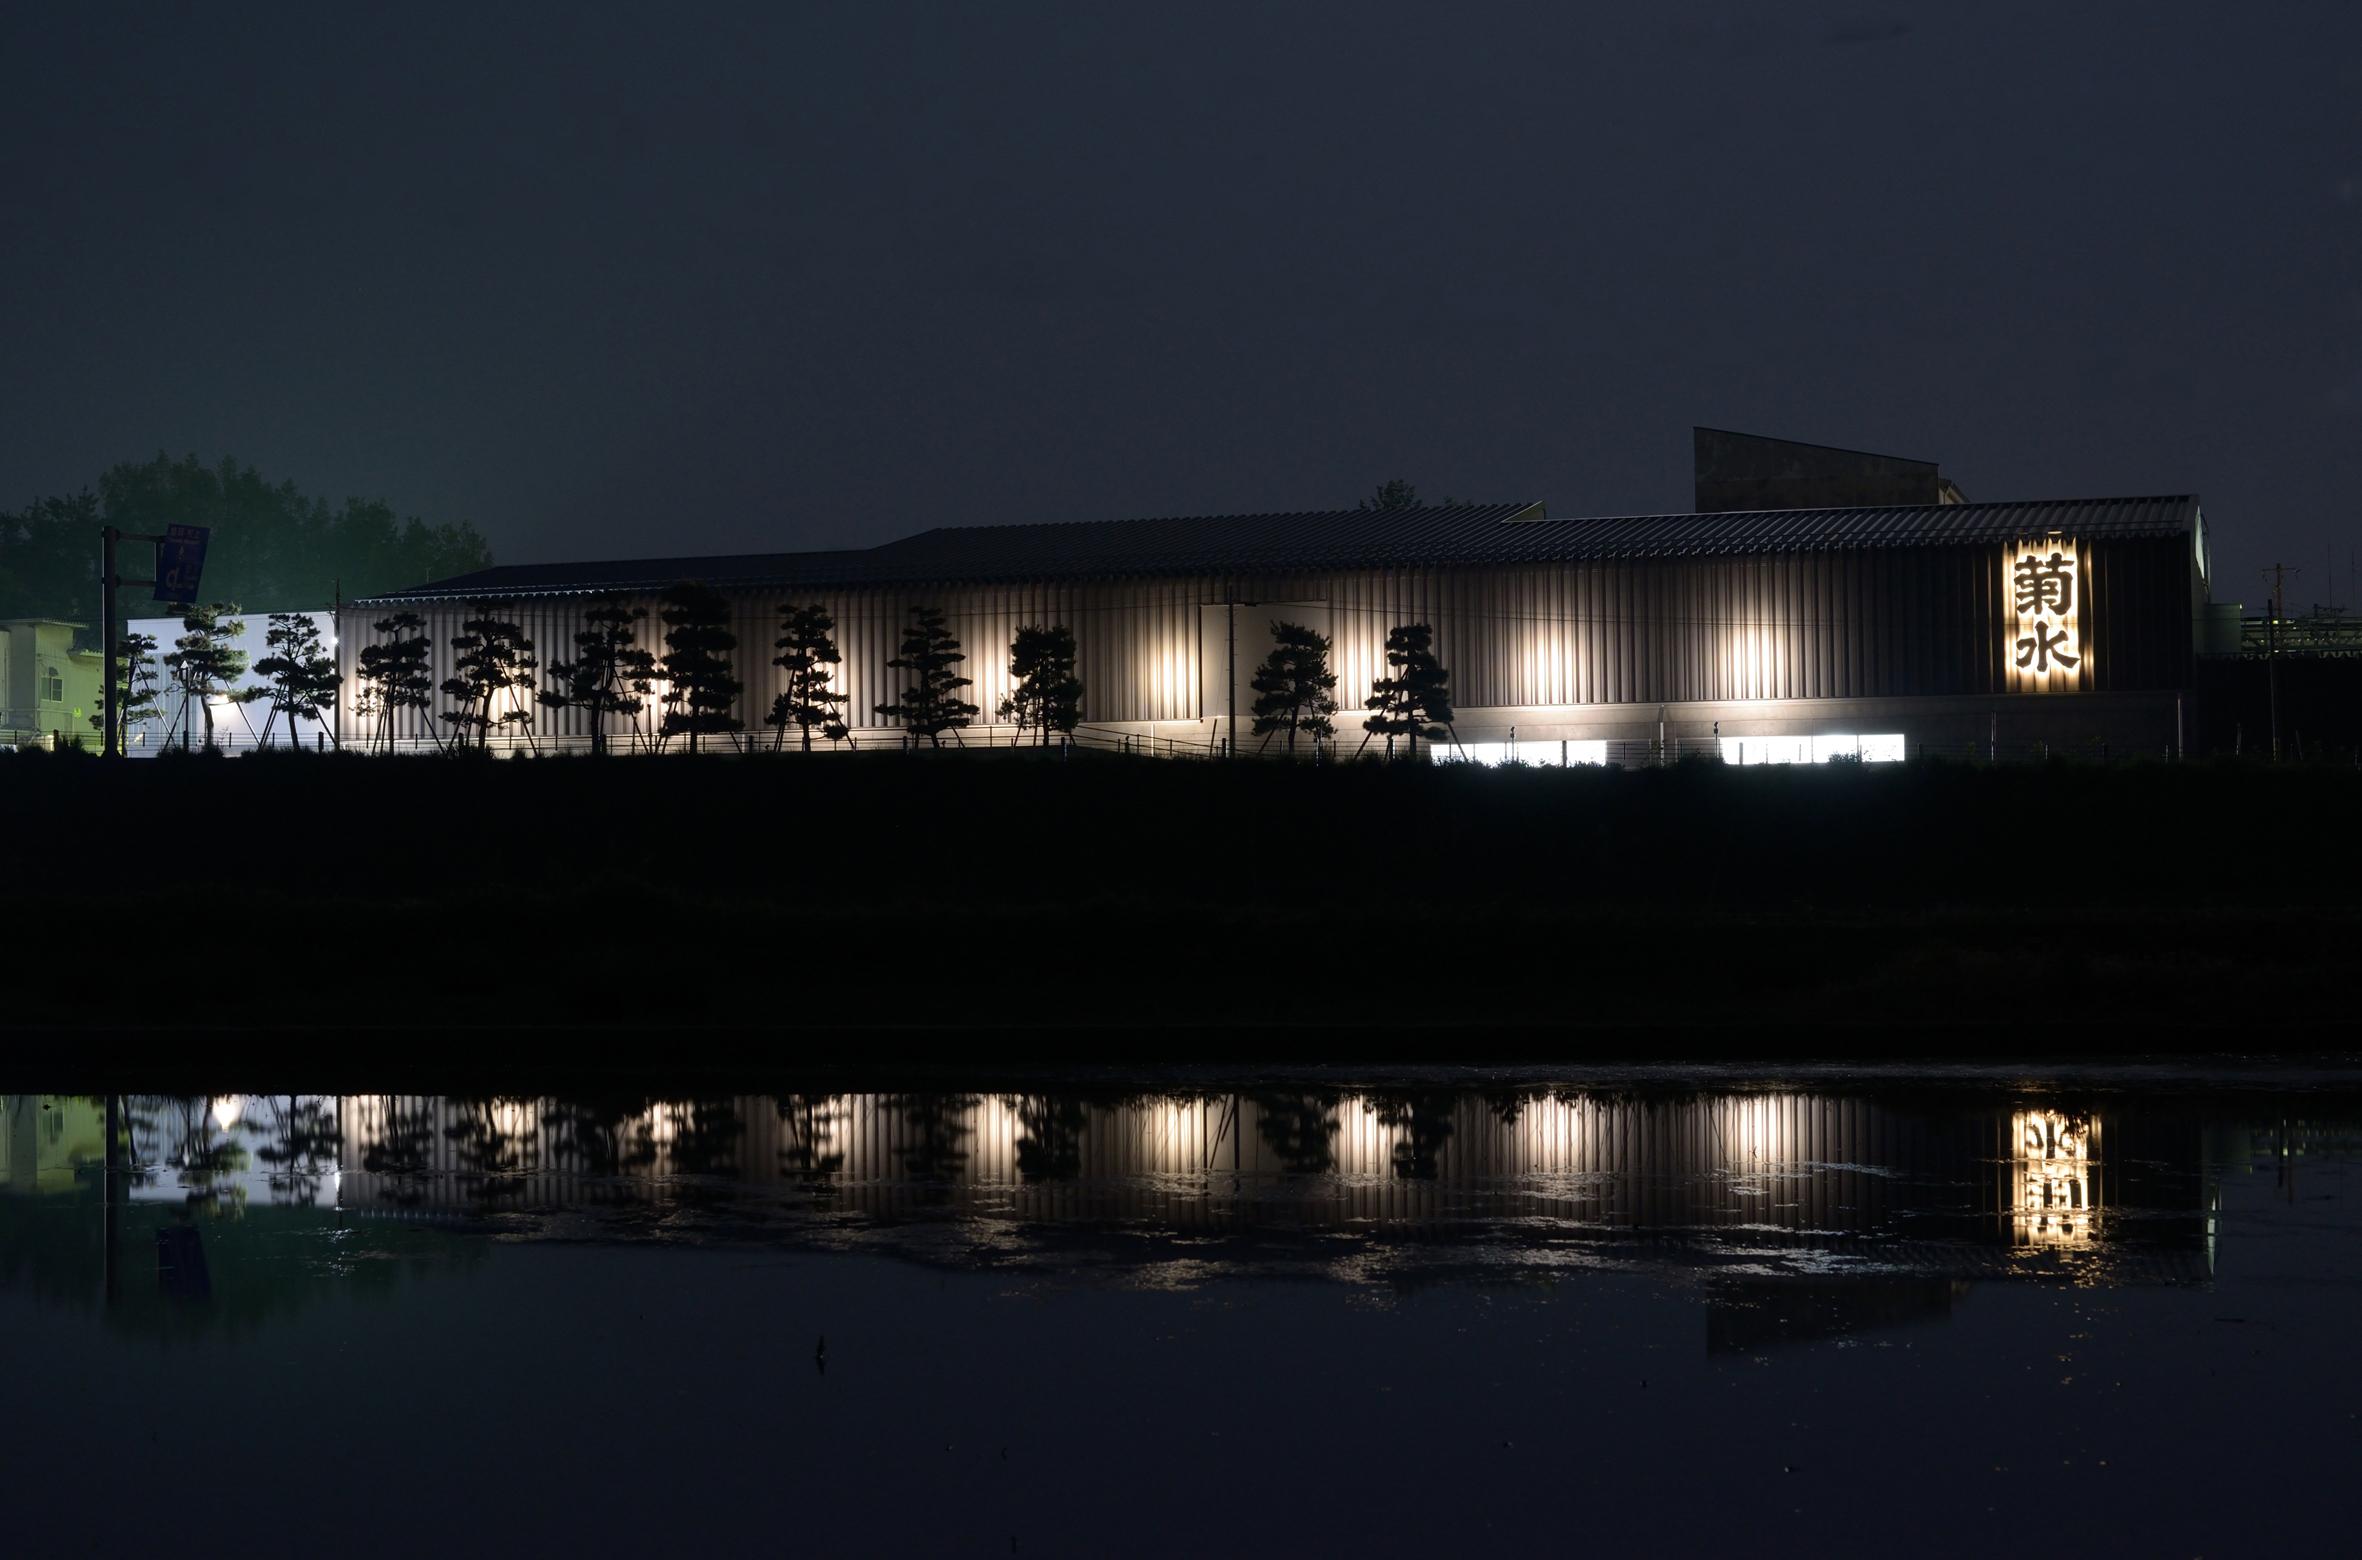 菊水酒造 製品棟 夜景